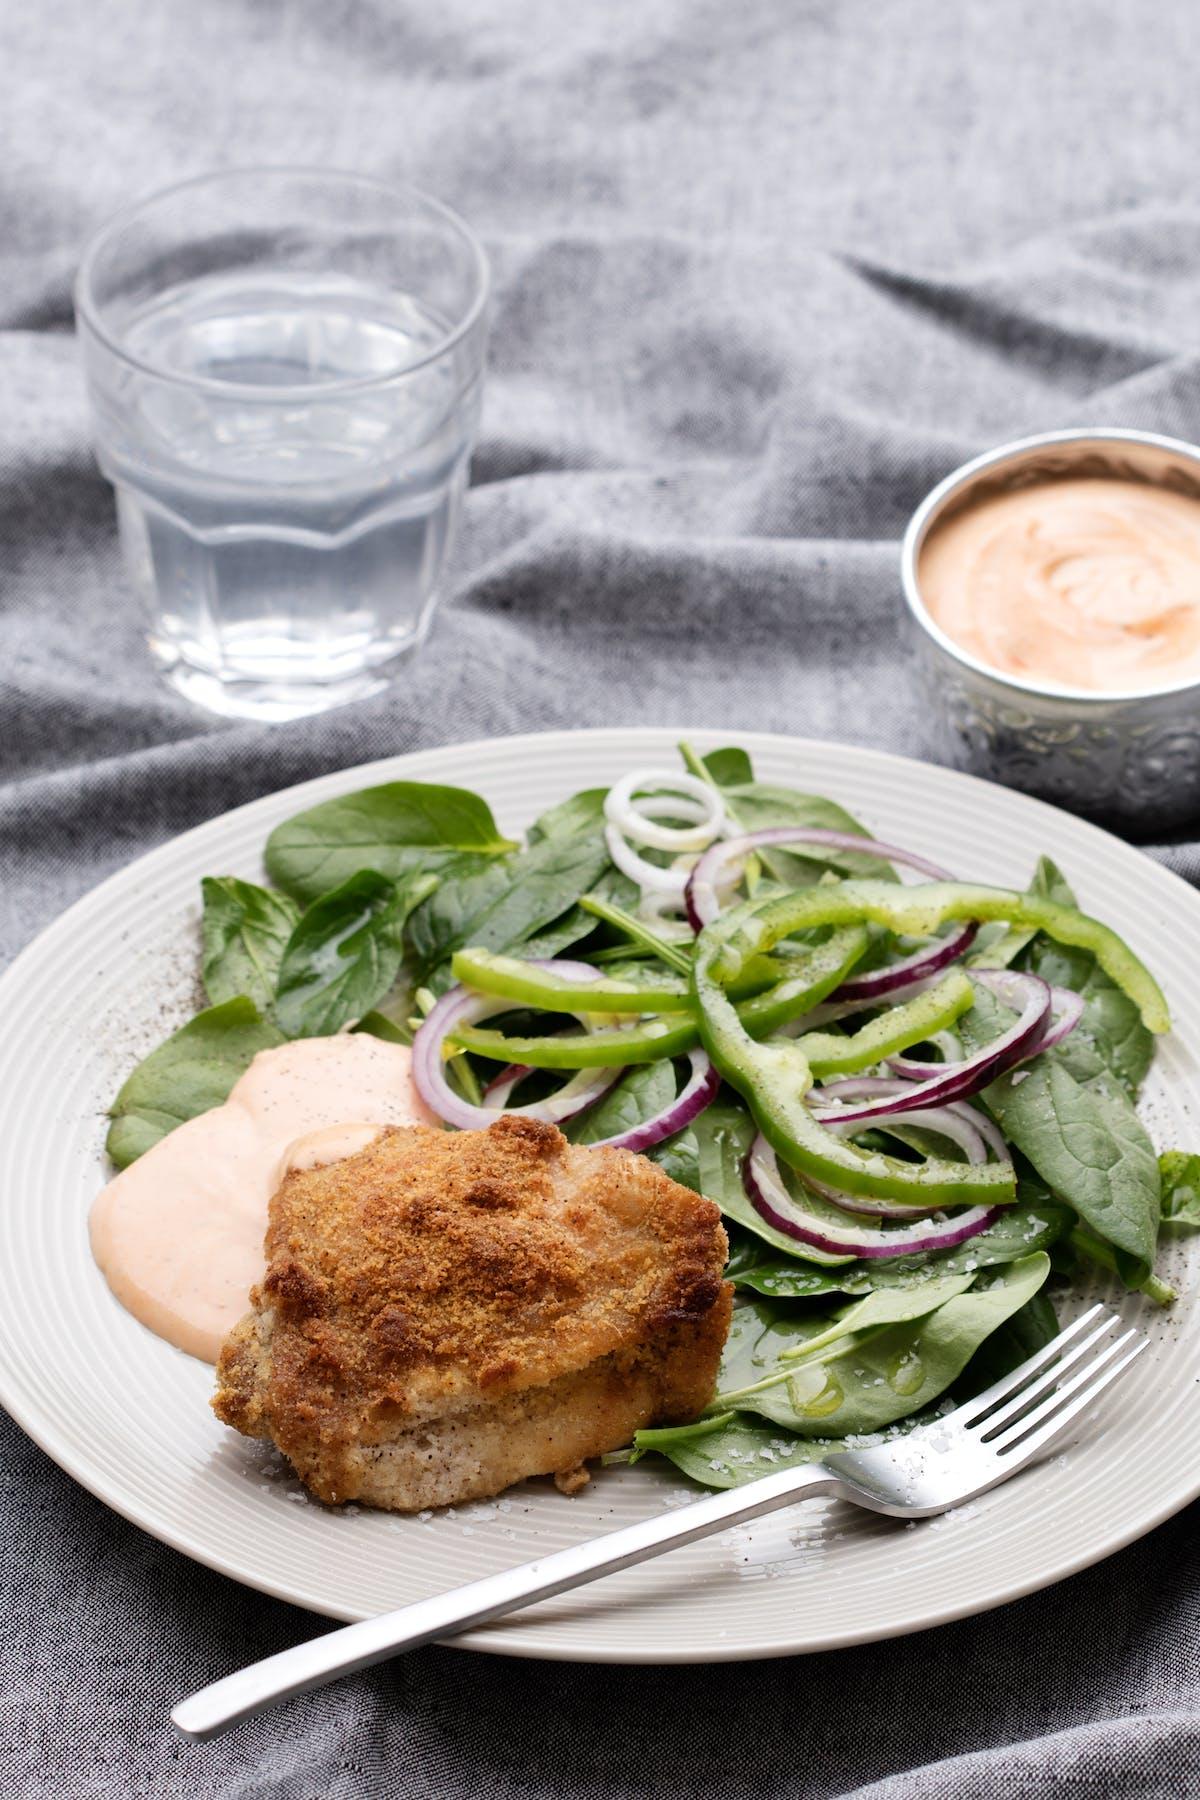 Panerade kycklinglår med BBQ-majo